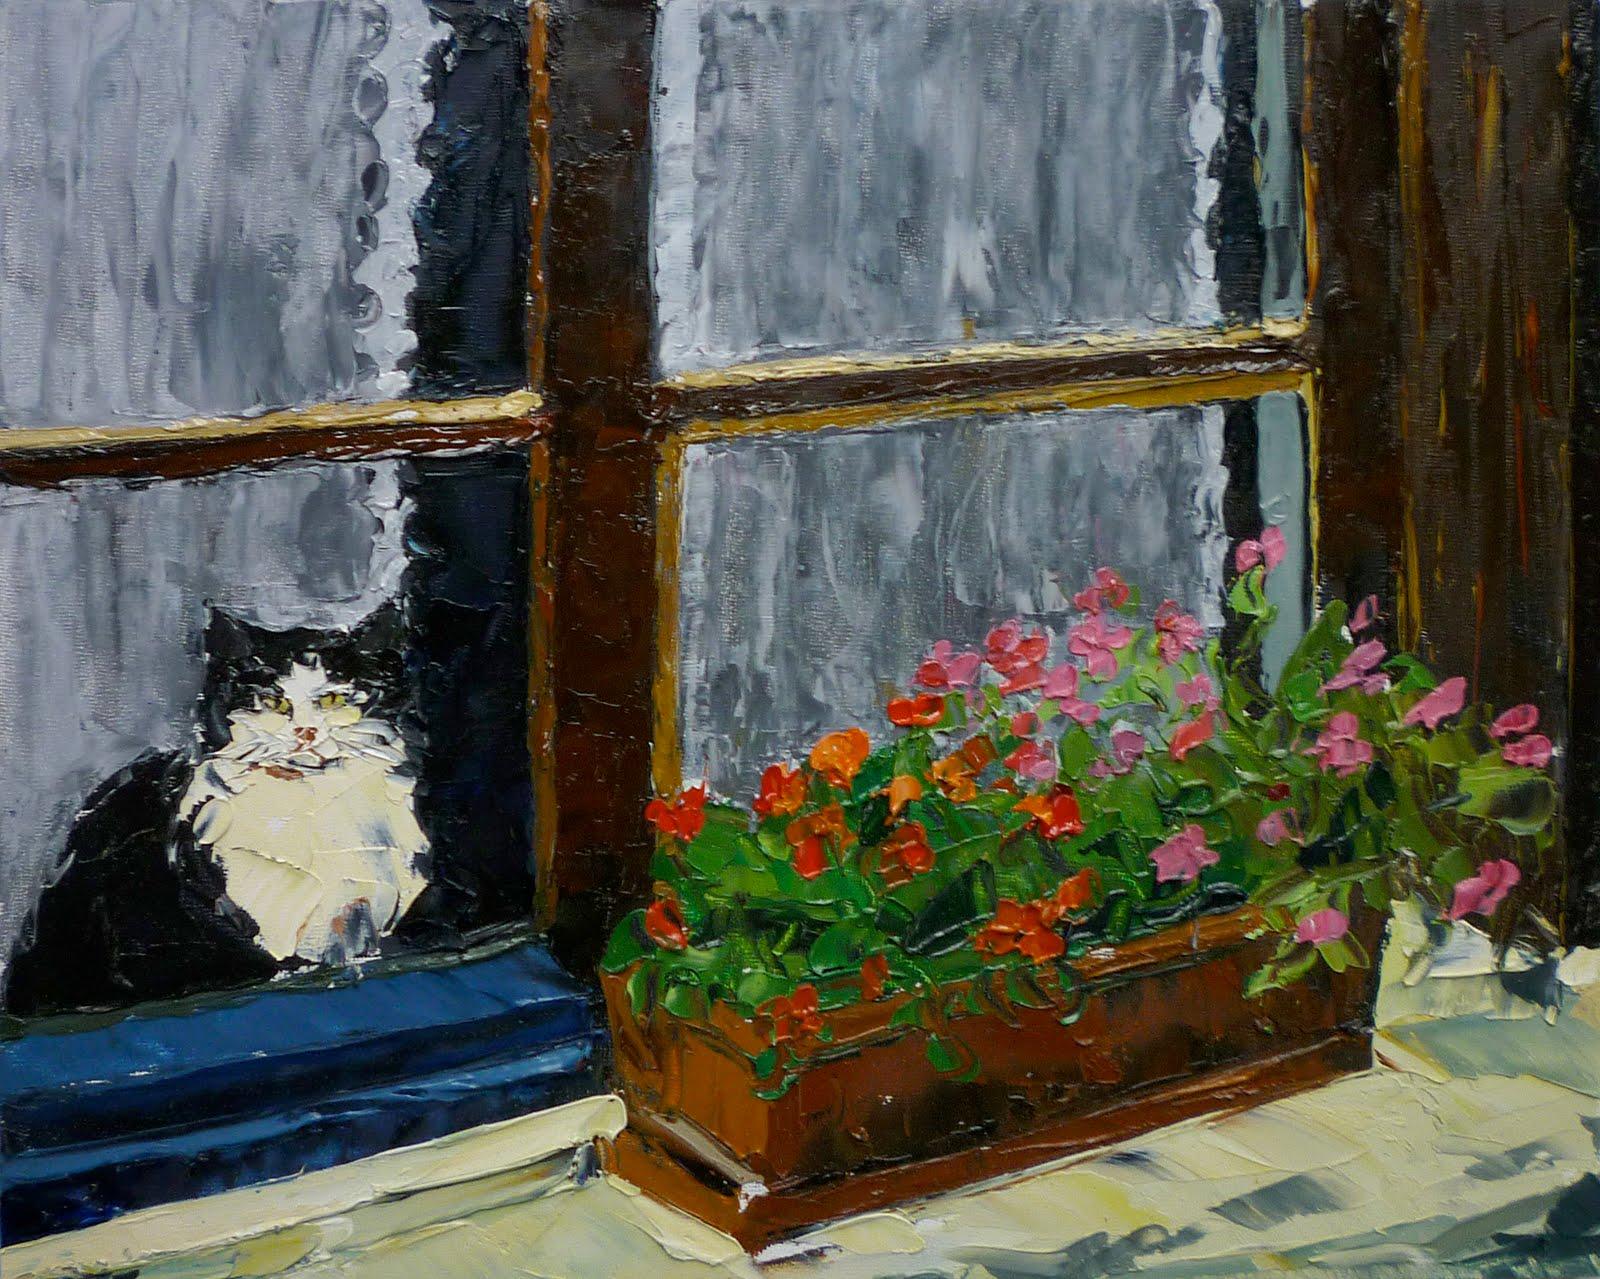 Palette knife painters le chat dans la fen tre by ann gorbett for Buer dans les fenetre